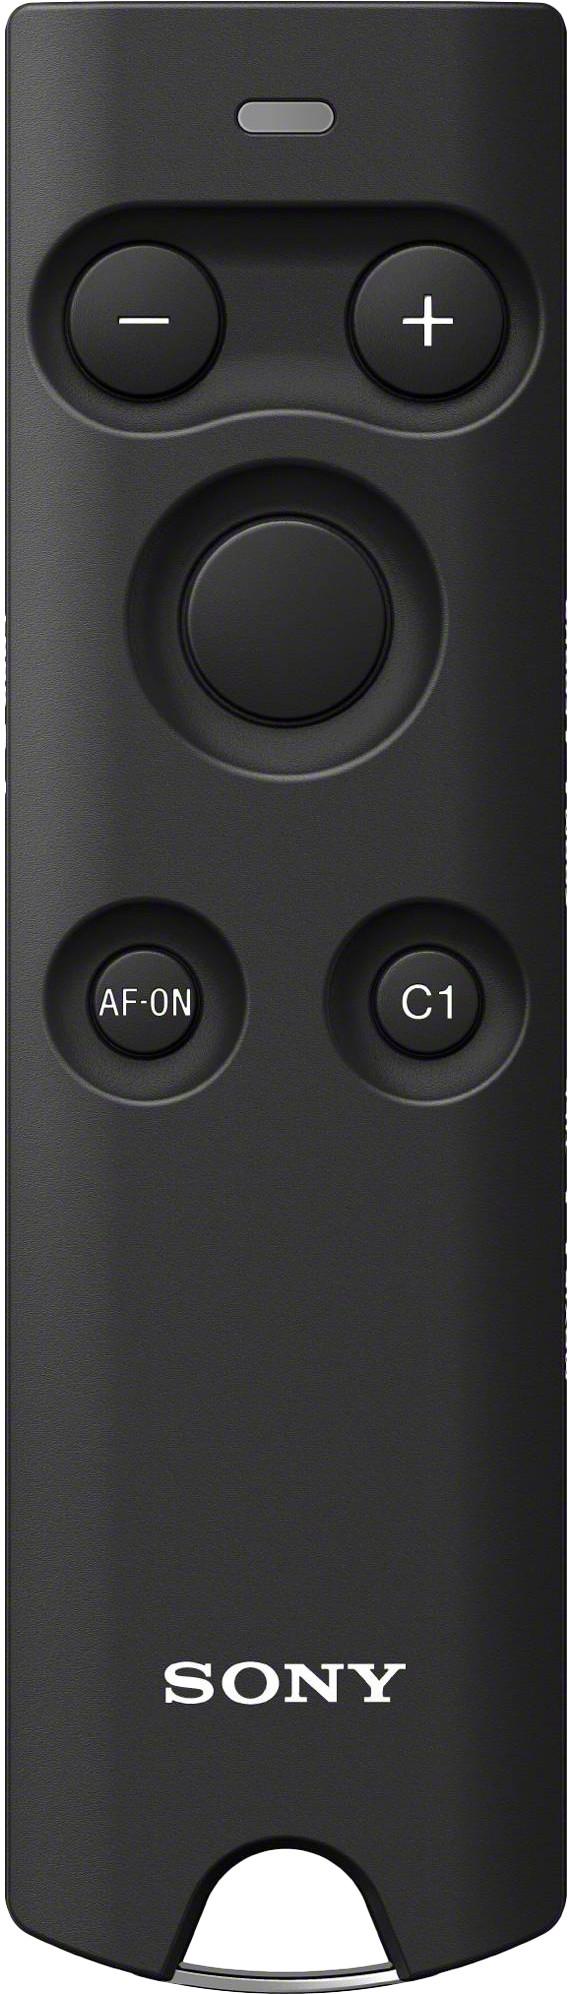 Sony distantspäästik RMT-P1BT